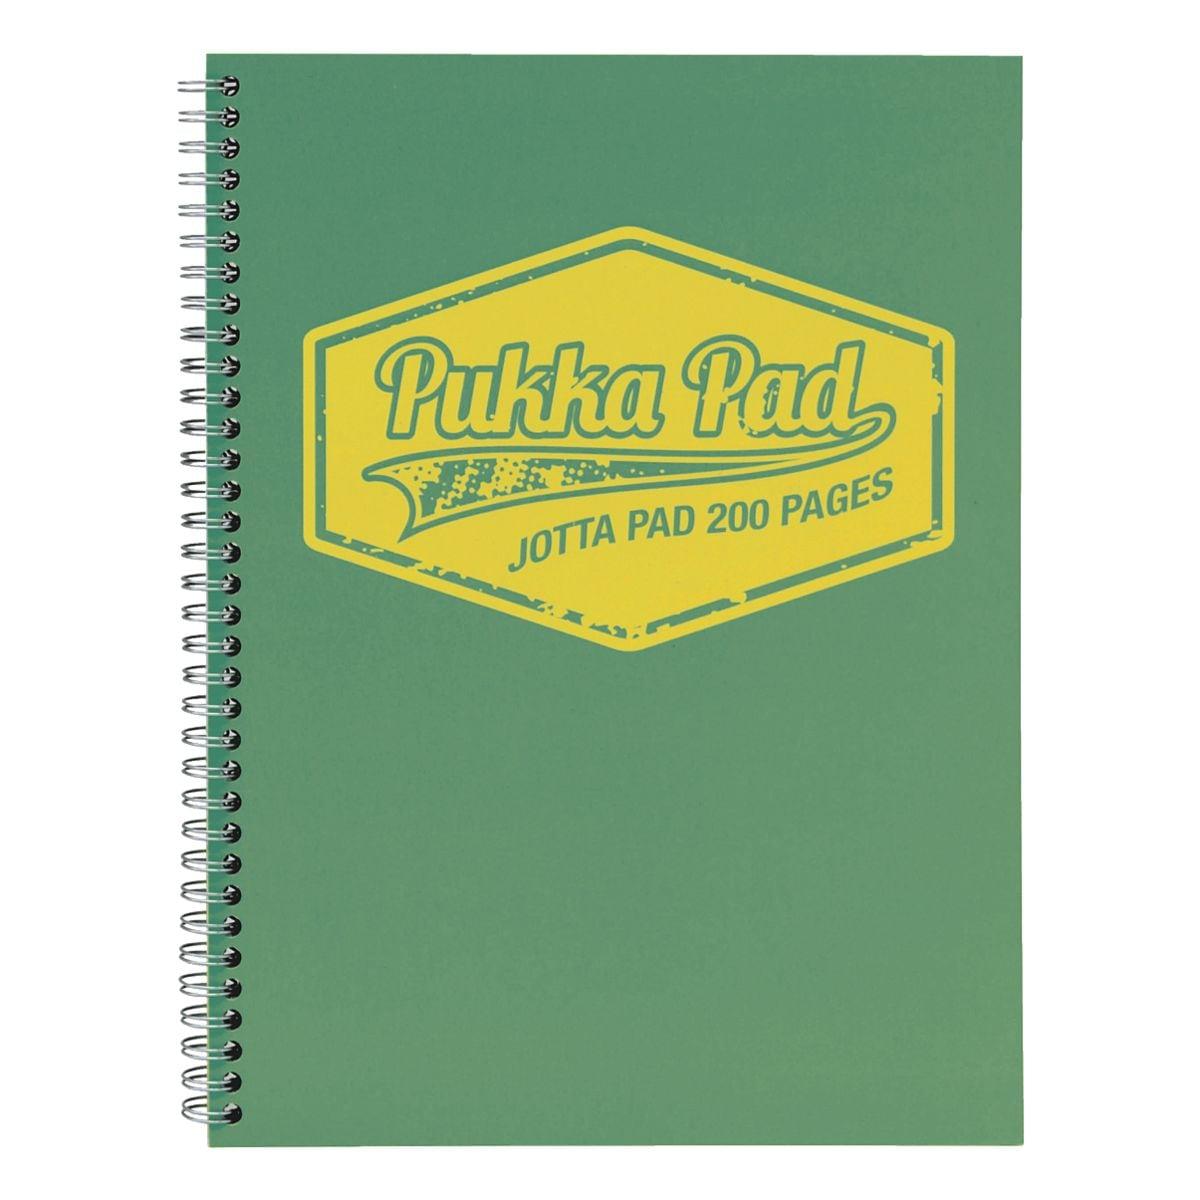 Pukka Pad cahier à spirale Neon Jotta Pad A4 à carreaux, 100 feuille(s)